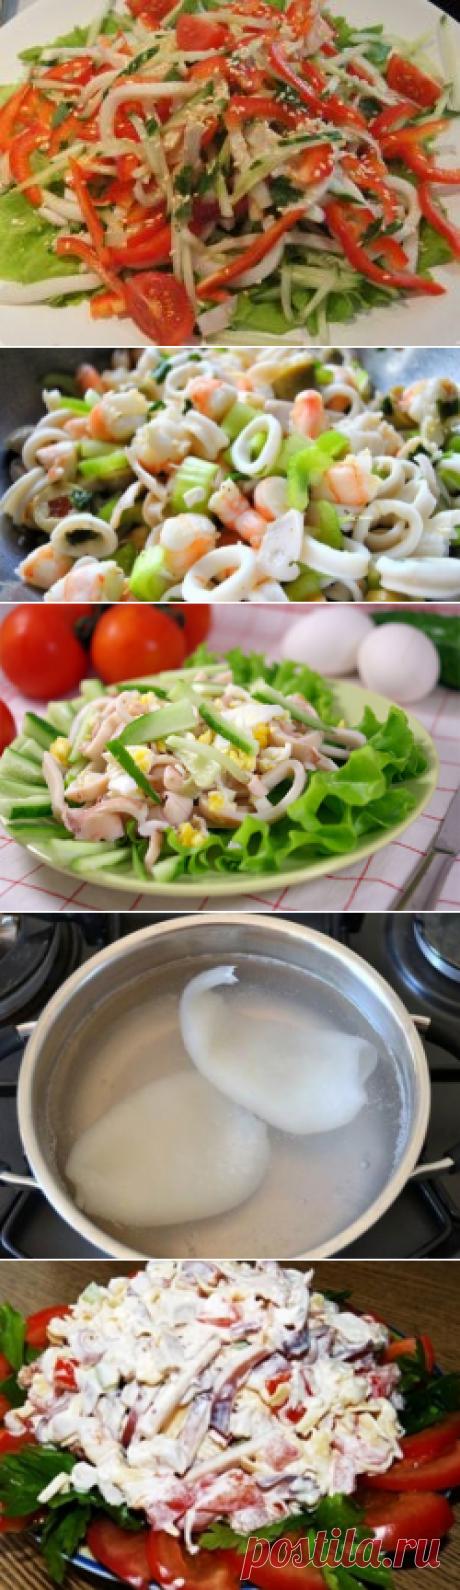 Простые и вкусные рецепты салатов из кальмаров